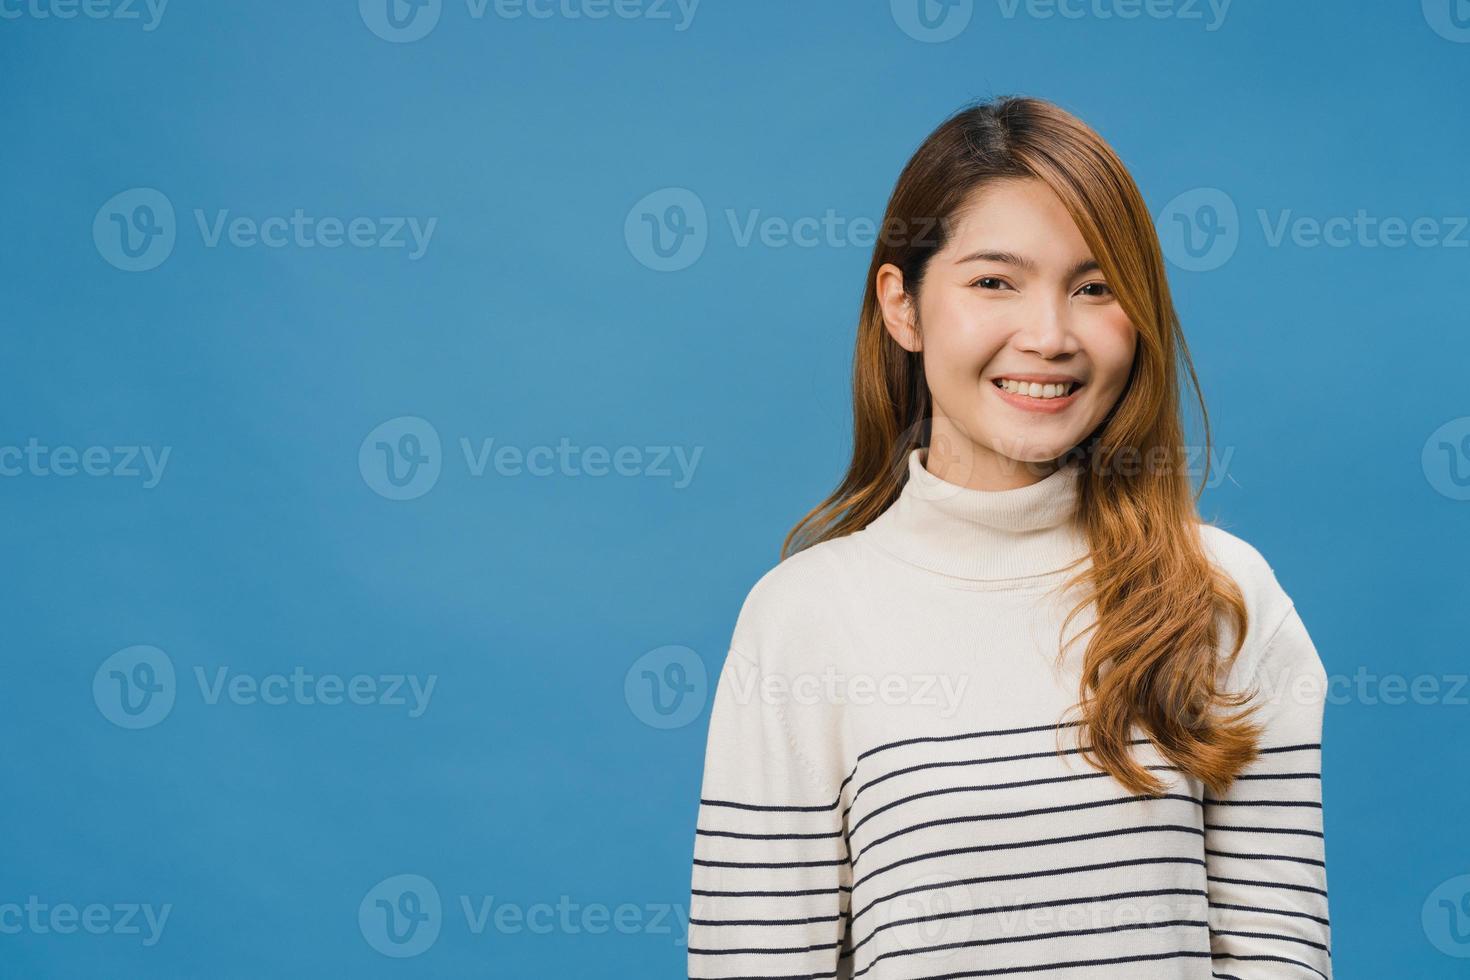 giovane donna asiatica con espressione positiva, sorriso ampiamente, vestita con abiti casual e guardando la telecamera su sfondo blu. felice adorabile donna felice esulta successo. concetto di espressione facciale. foto